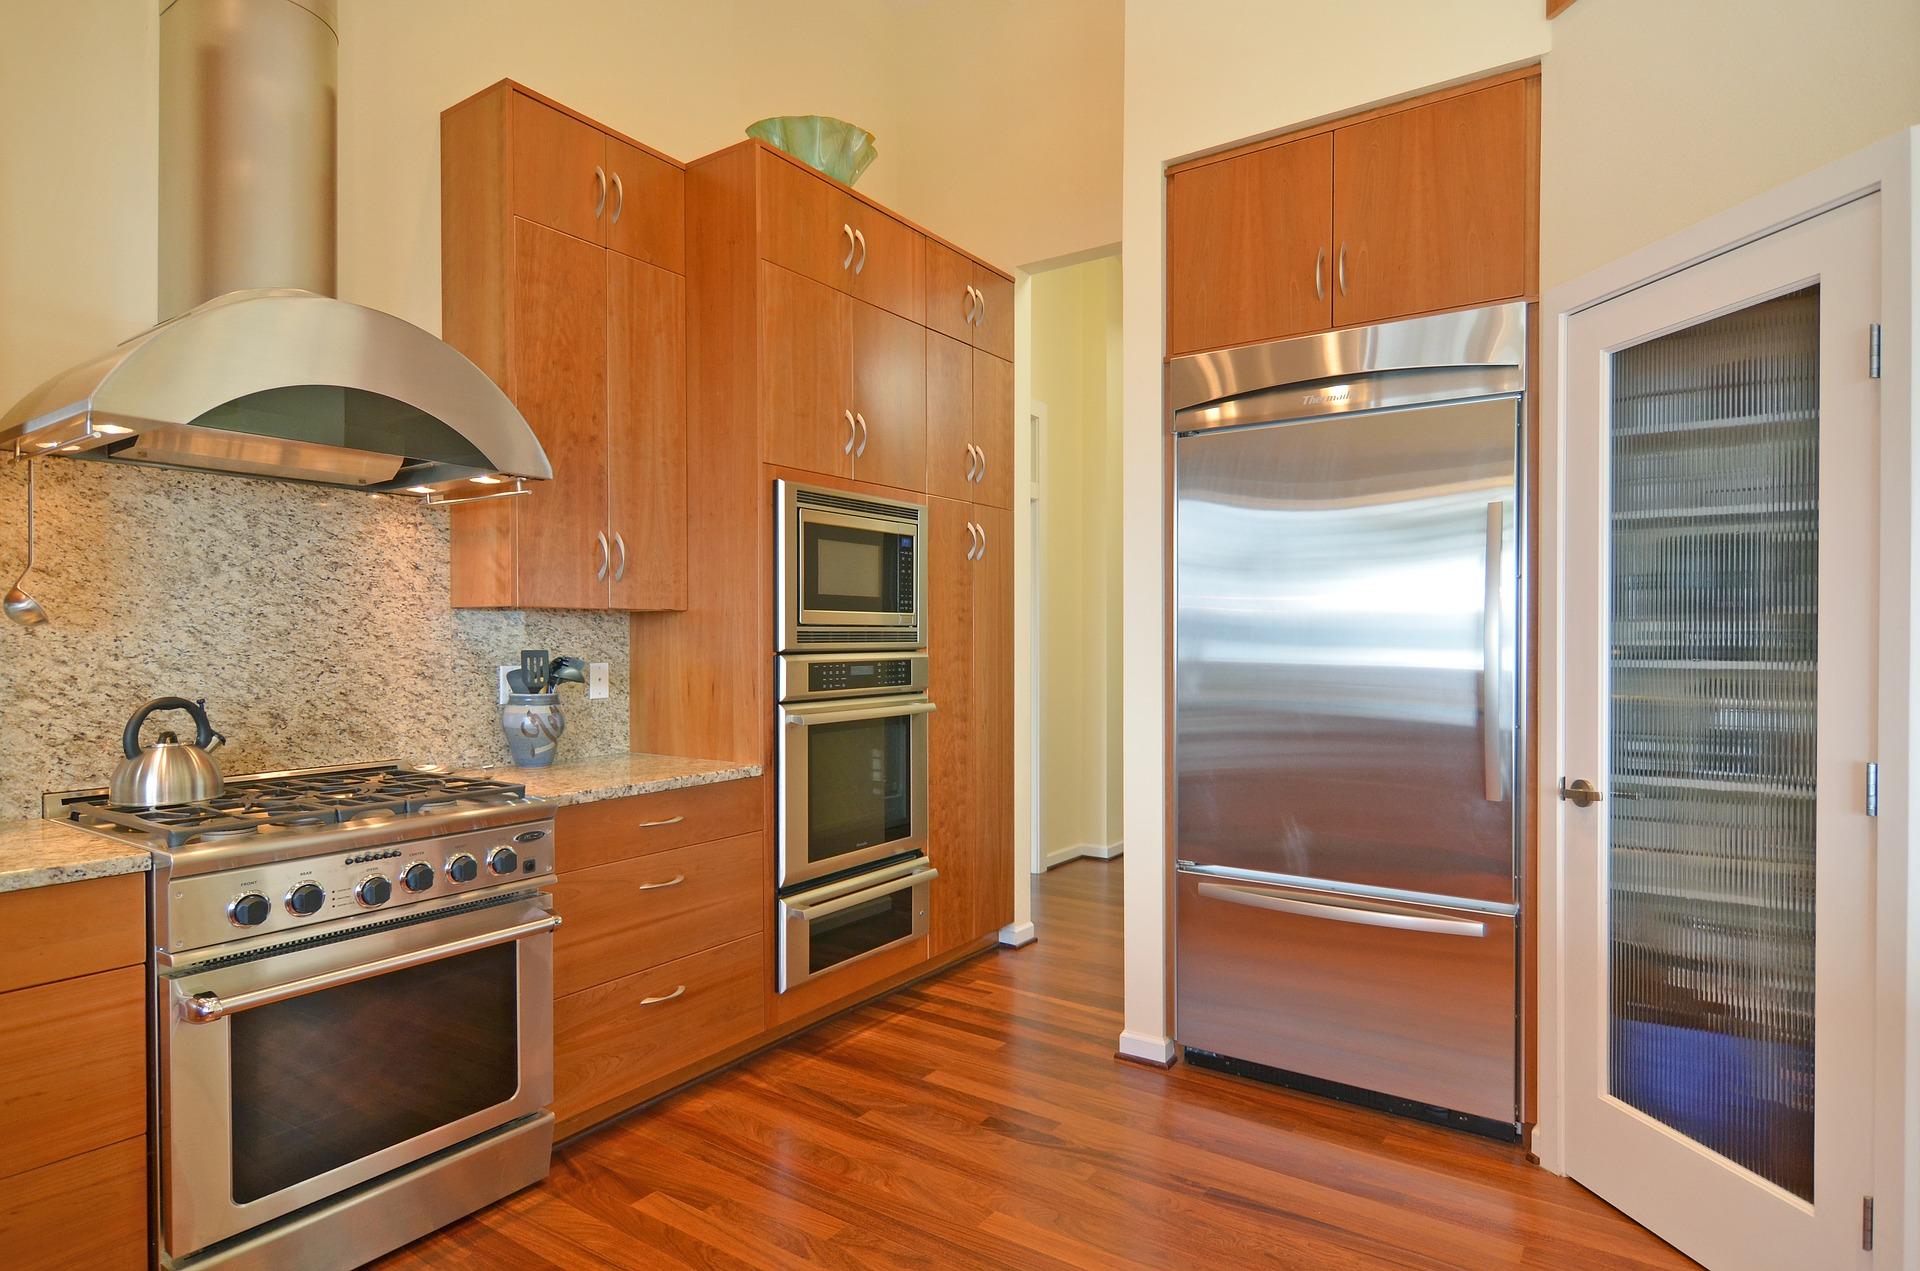 fridge-2358603_1920